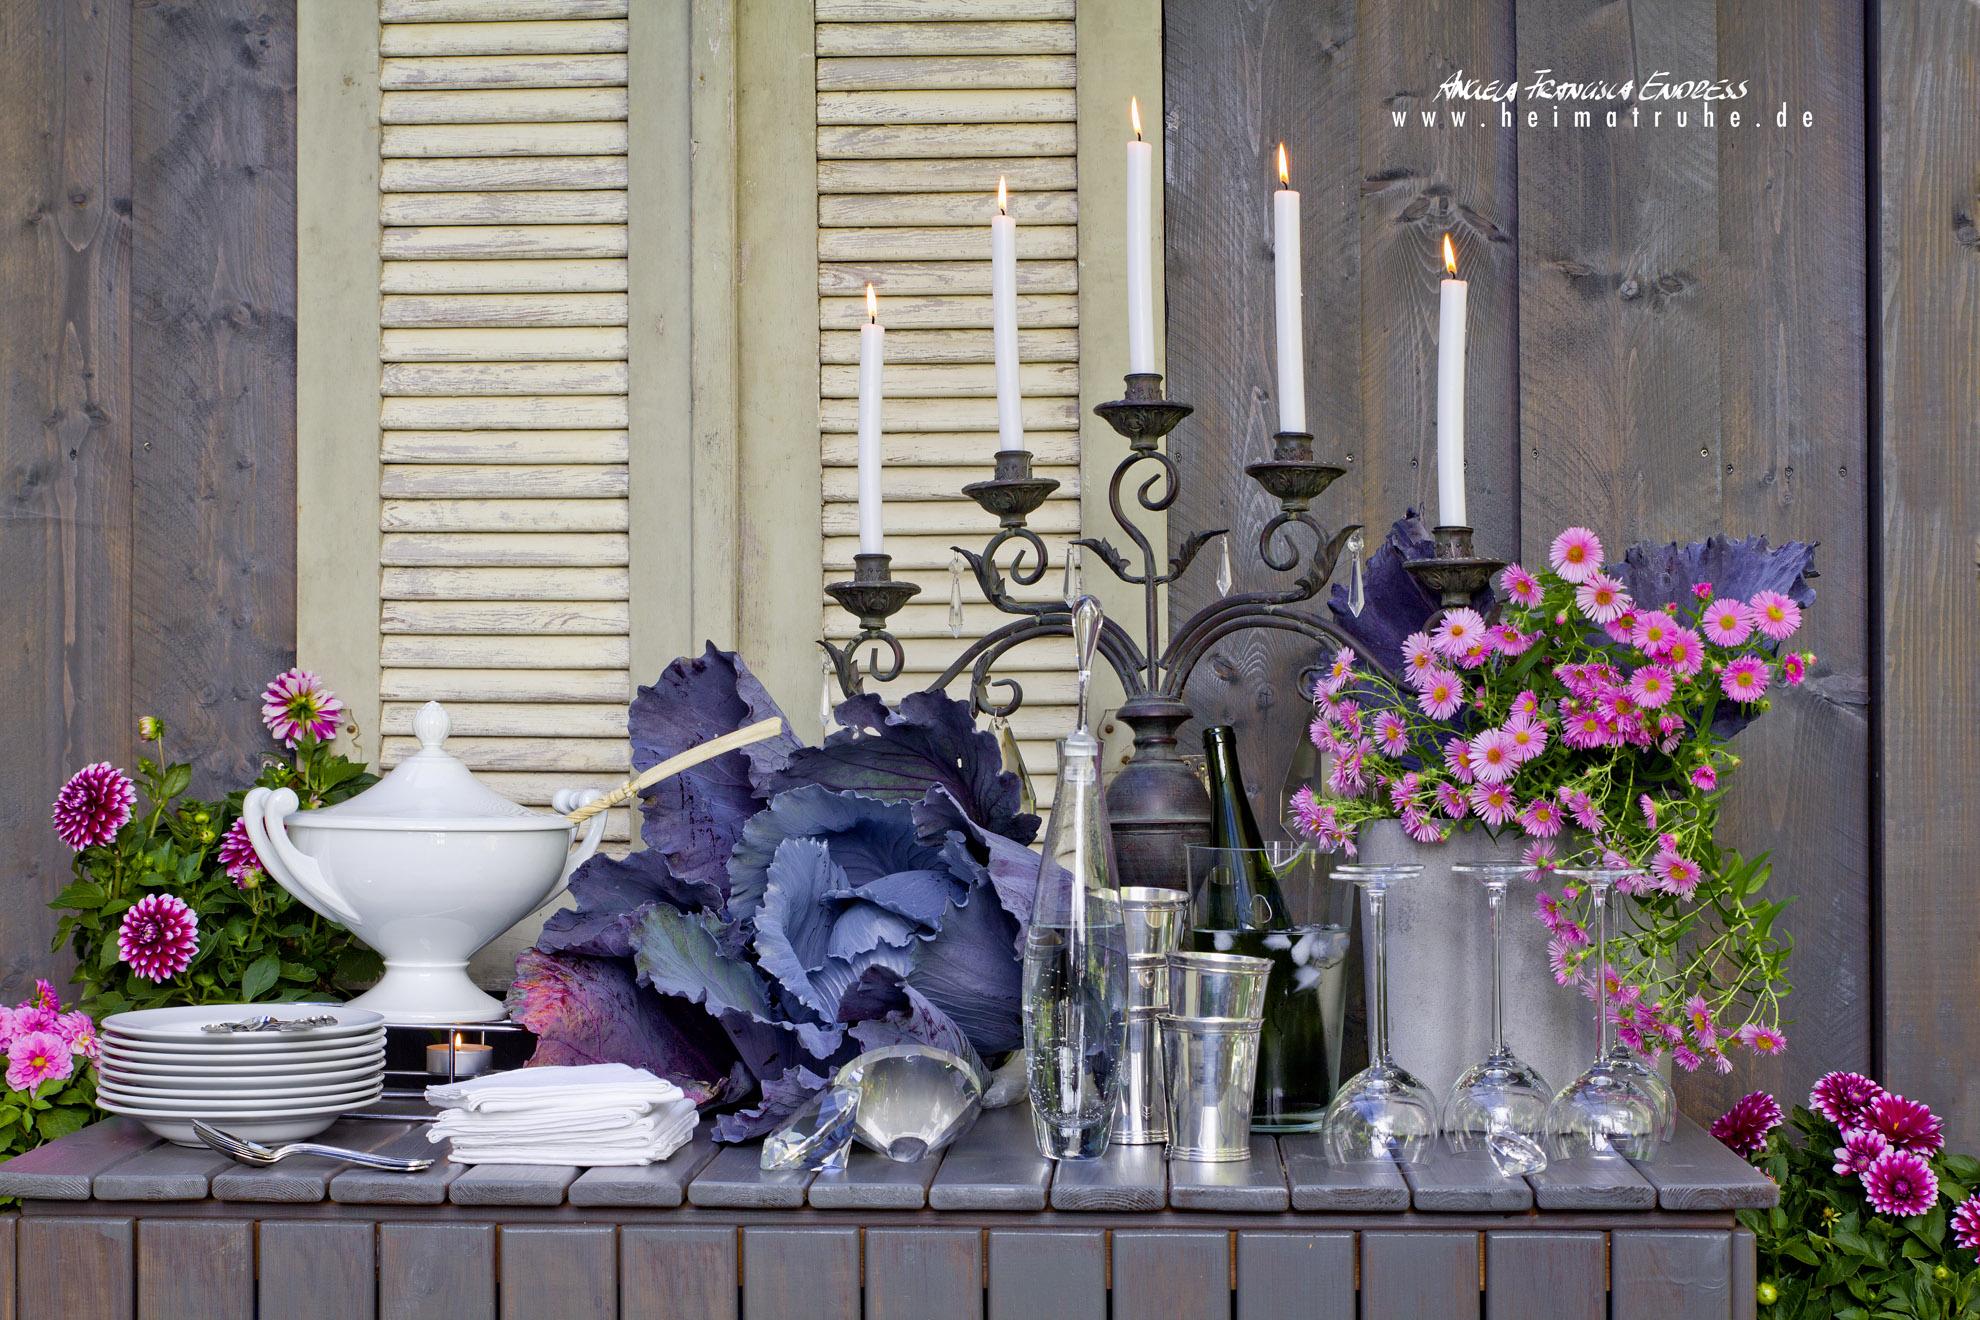 Büffet mit Kohlkopf-Deko, Kerzenleuchter, Suppenterrine, Servietten, Gläsern